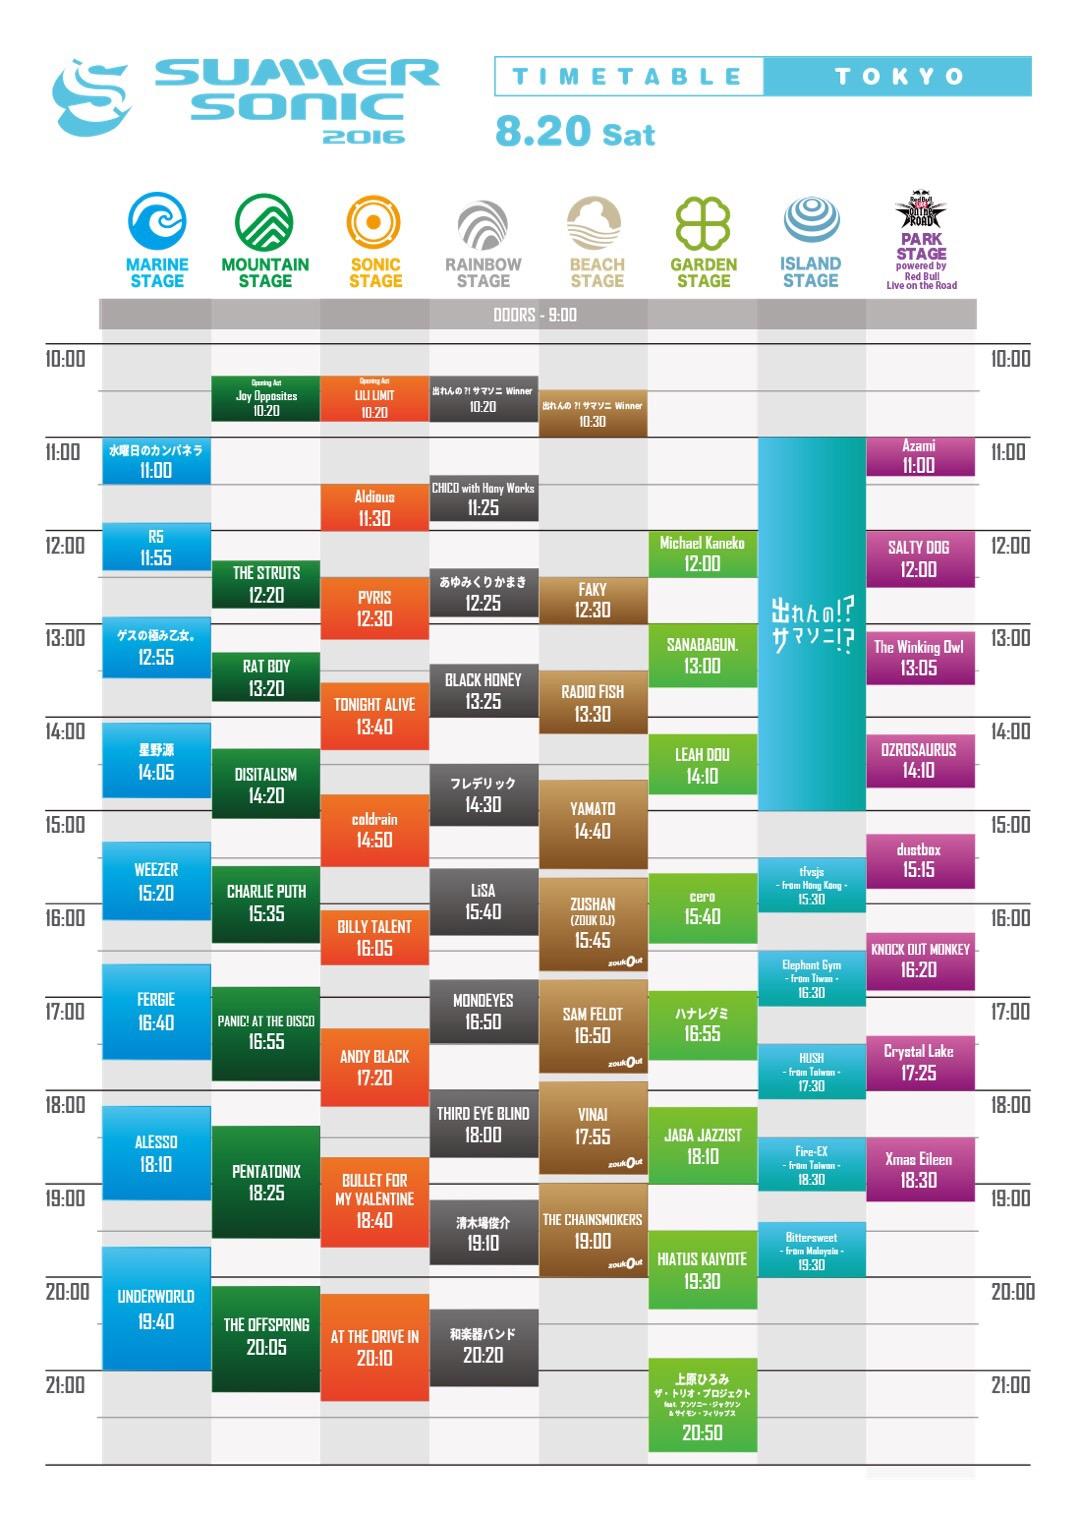 SUMMER SONIC 2016 TOKYO 8.20 SAT